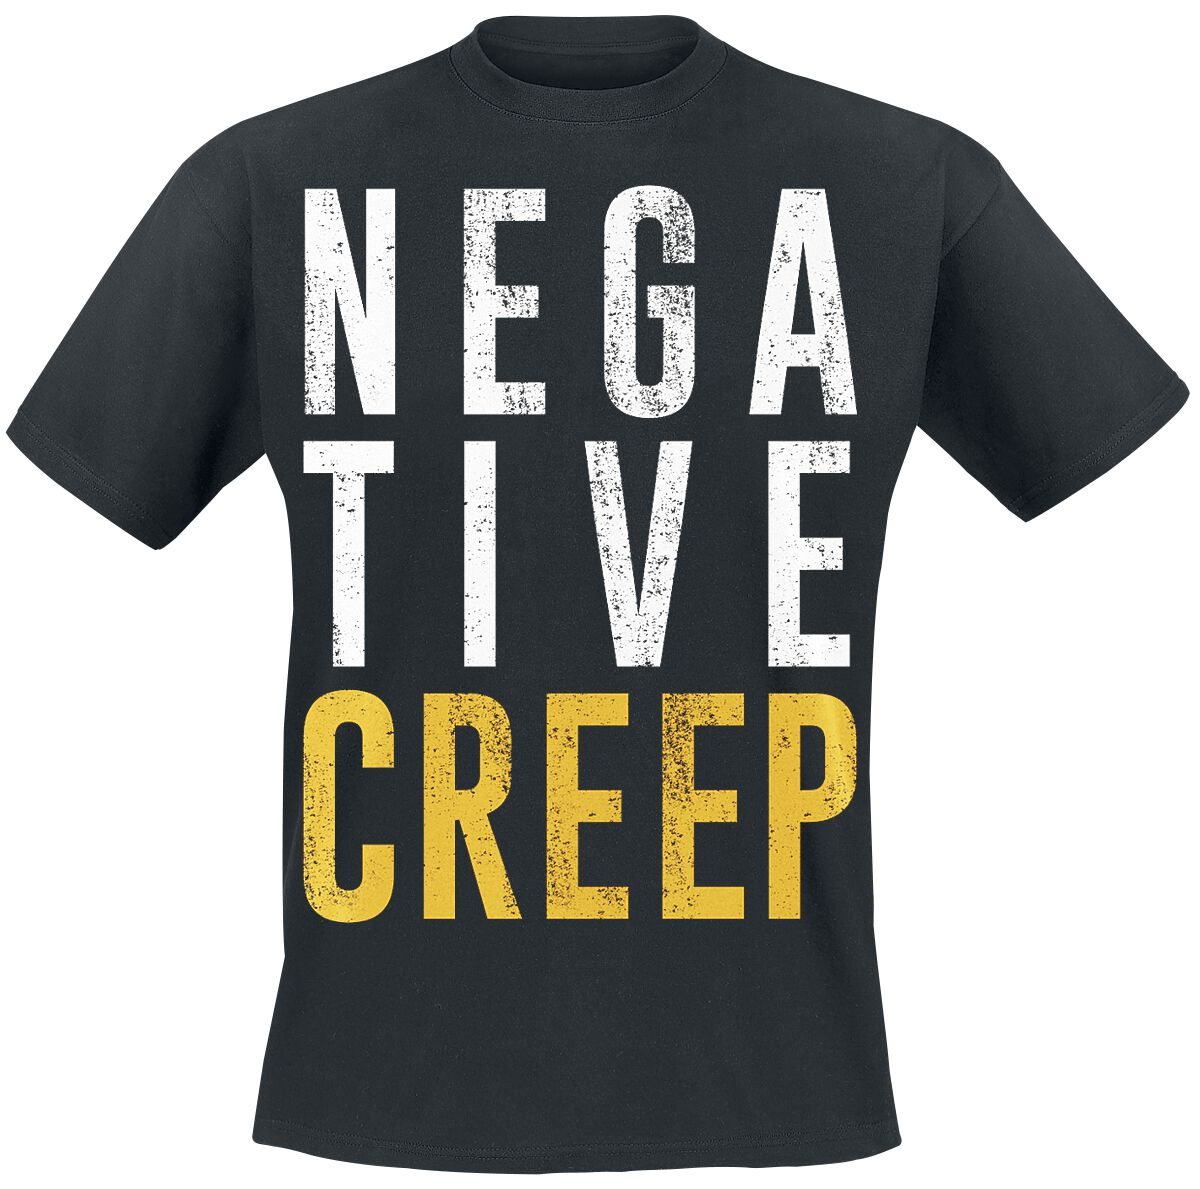 Zespoły - Koszulki - T-Shirt Nirvana Negative Creep T-Shirt czarny - 350915